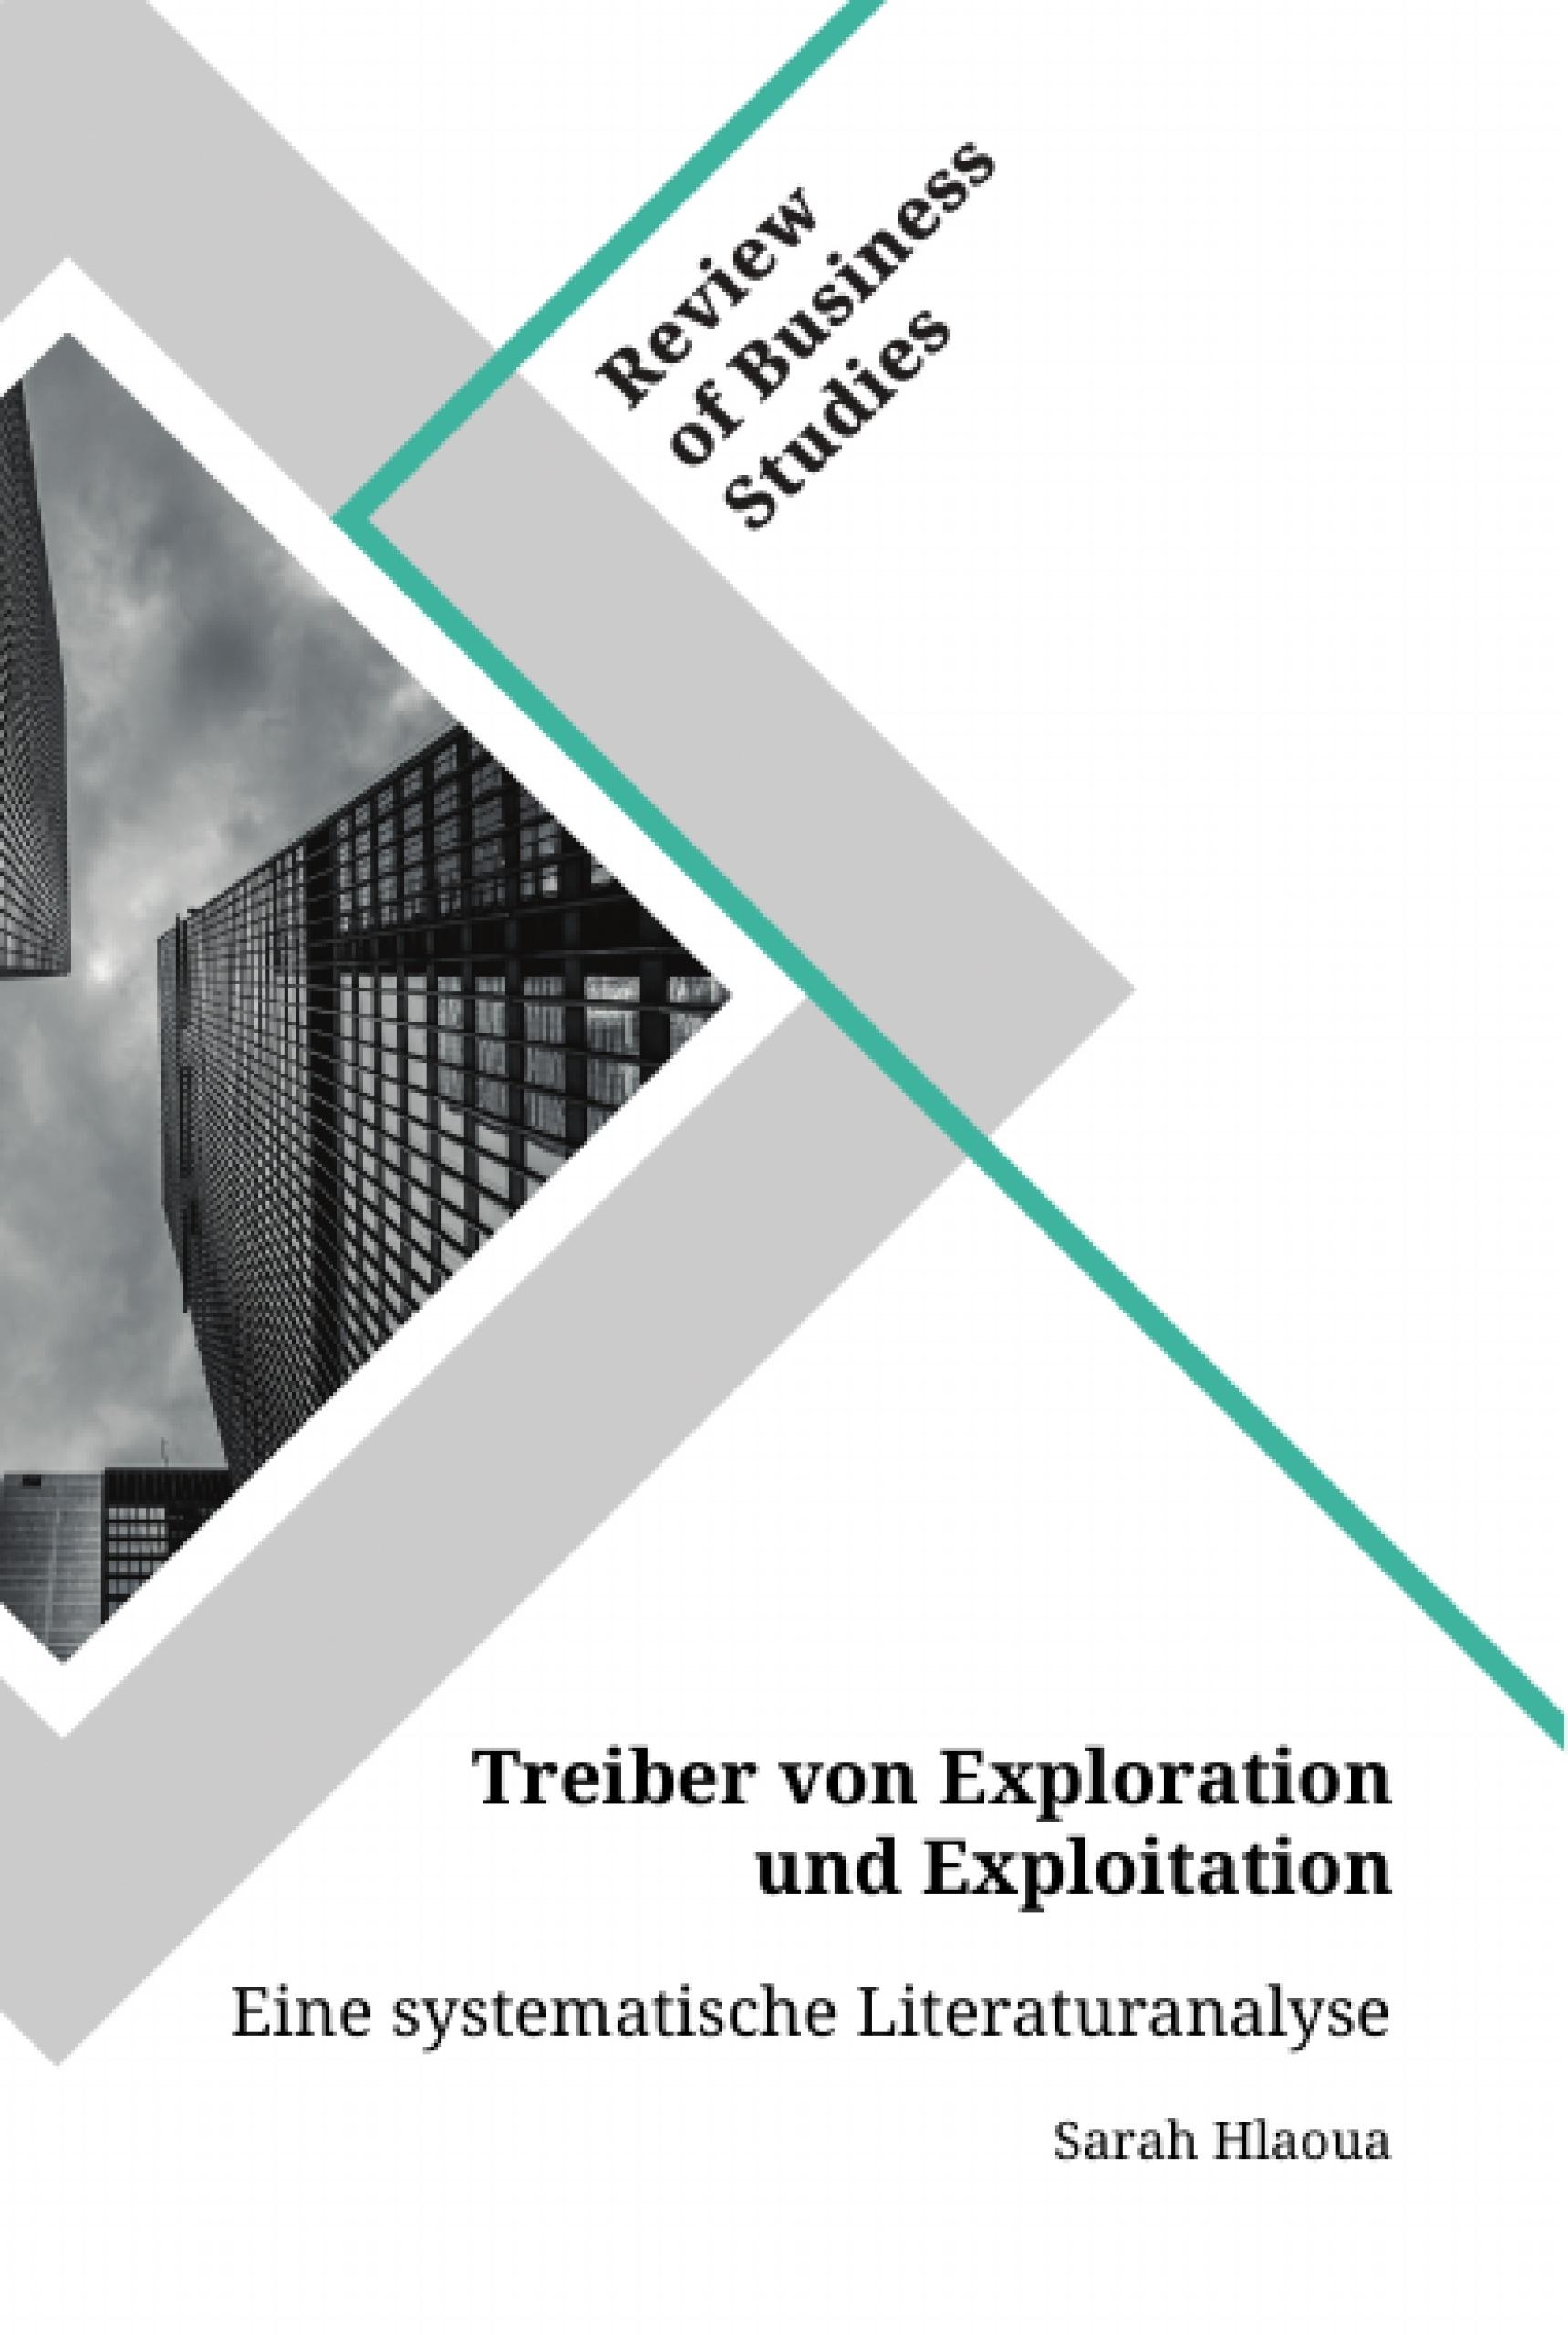 Titel: Treiber von Exploration und Exploitation. Eine systematische Literaturanalyse